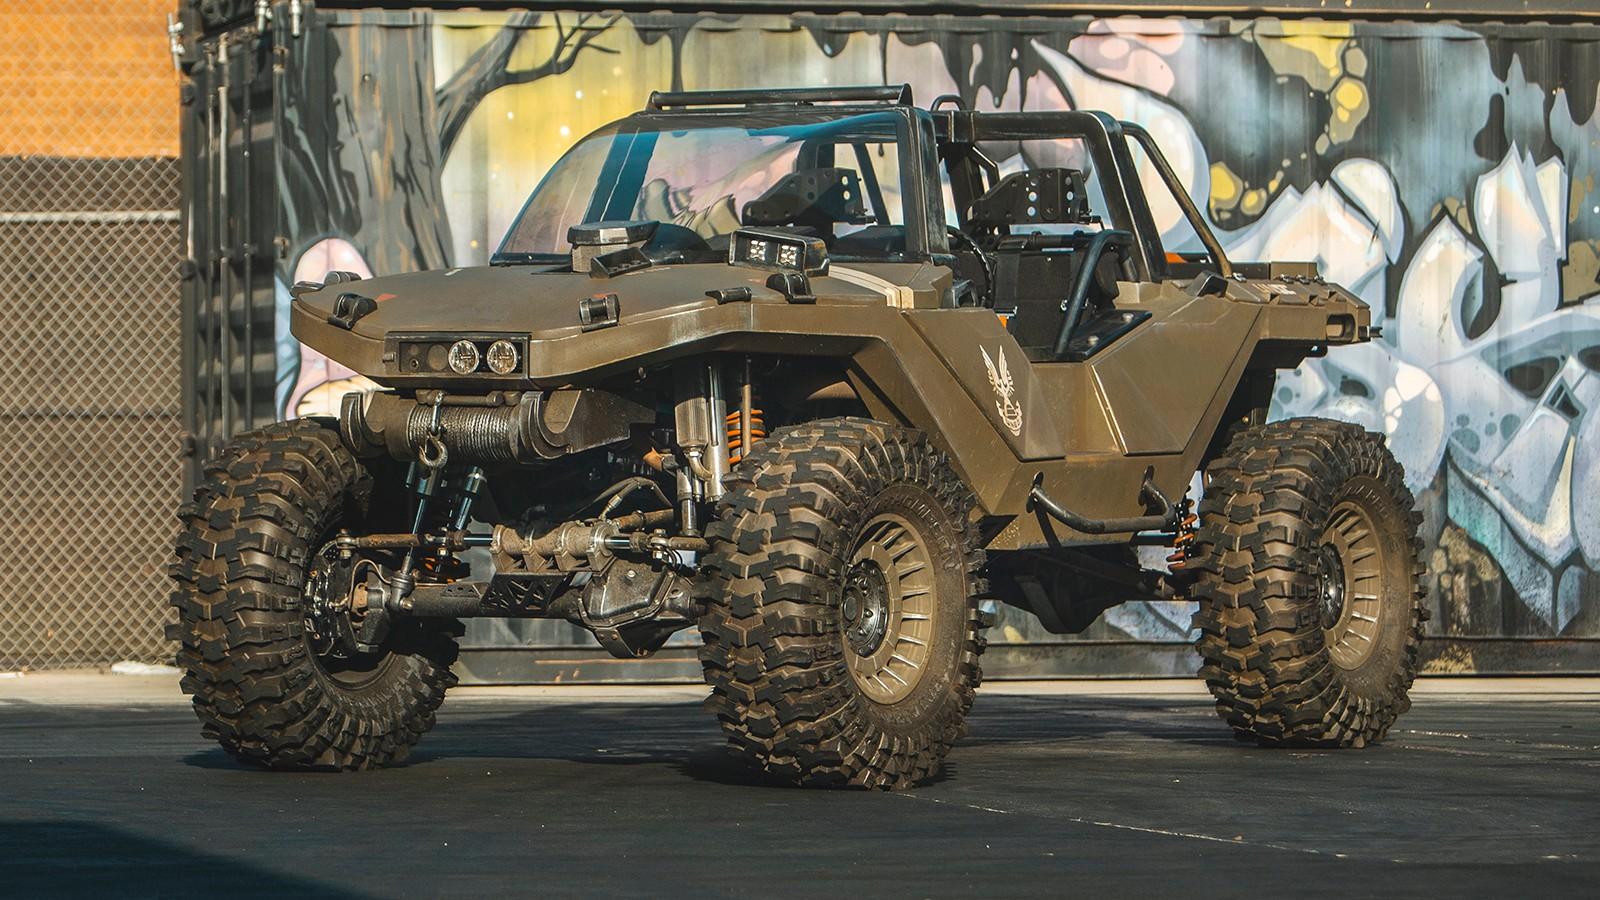 Кен Блок построил внедорожник Warthog из шутера Halo с мощностью свыше 1000 л.с., он успел сняться в фильме Free Guy [фото, видео] - ITC.ua